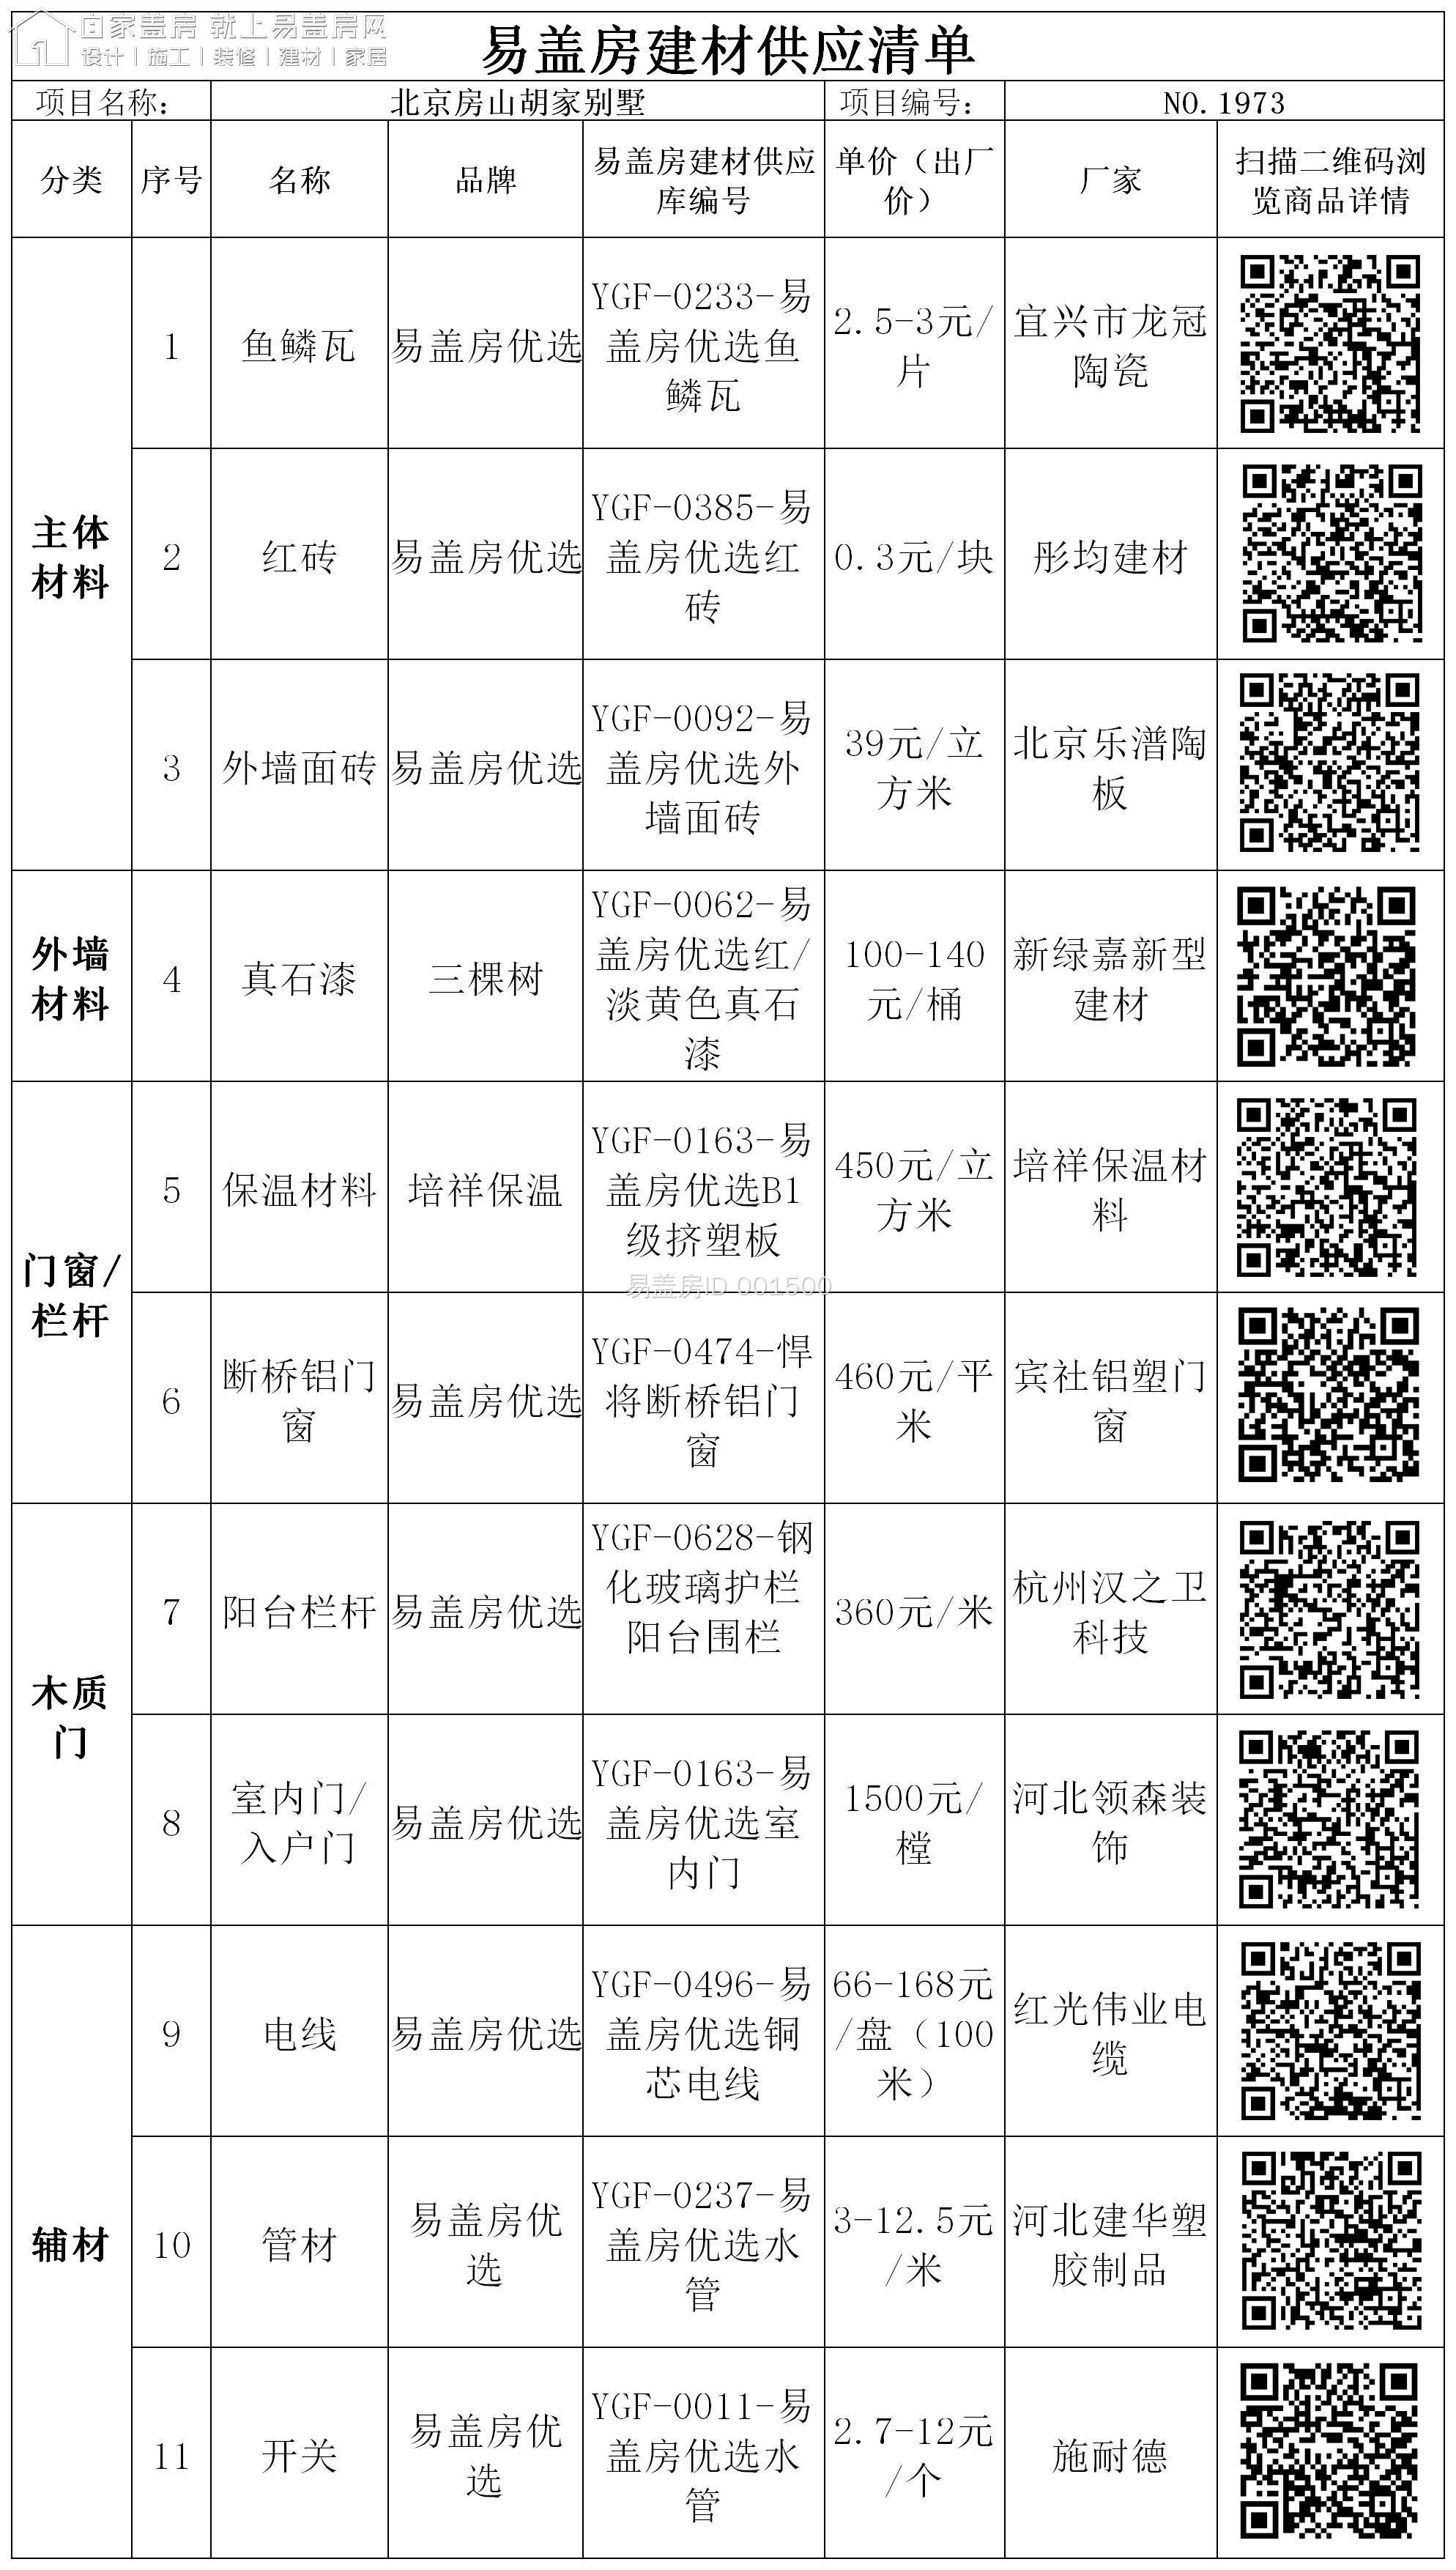 易蓋房建材供應清單-北京房山胡穎項目.jpg